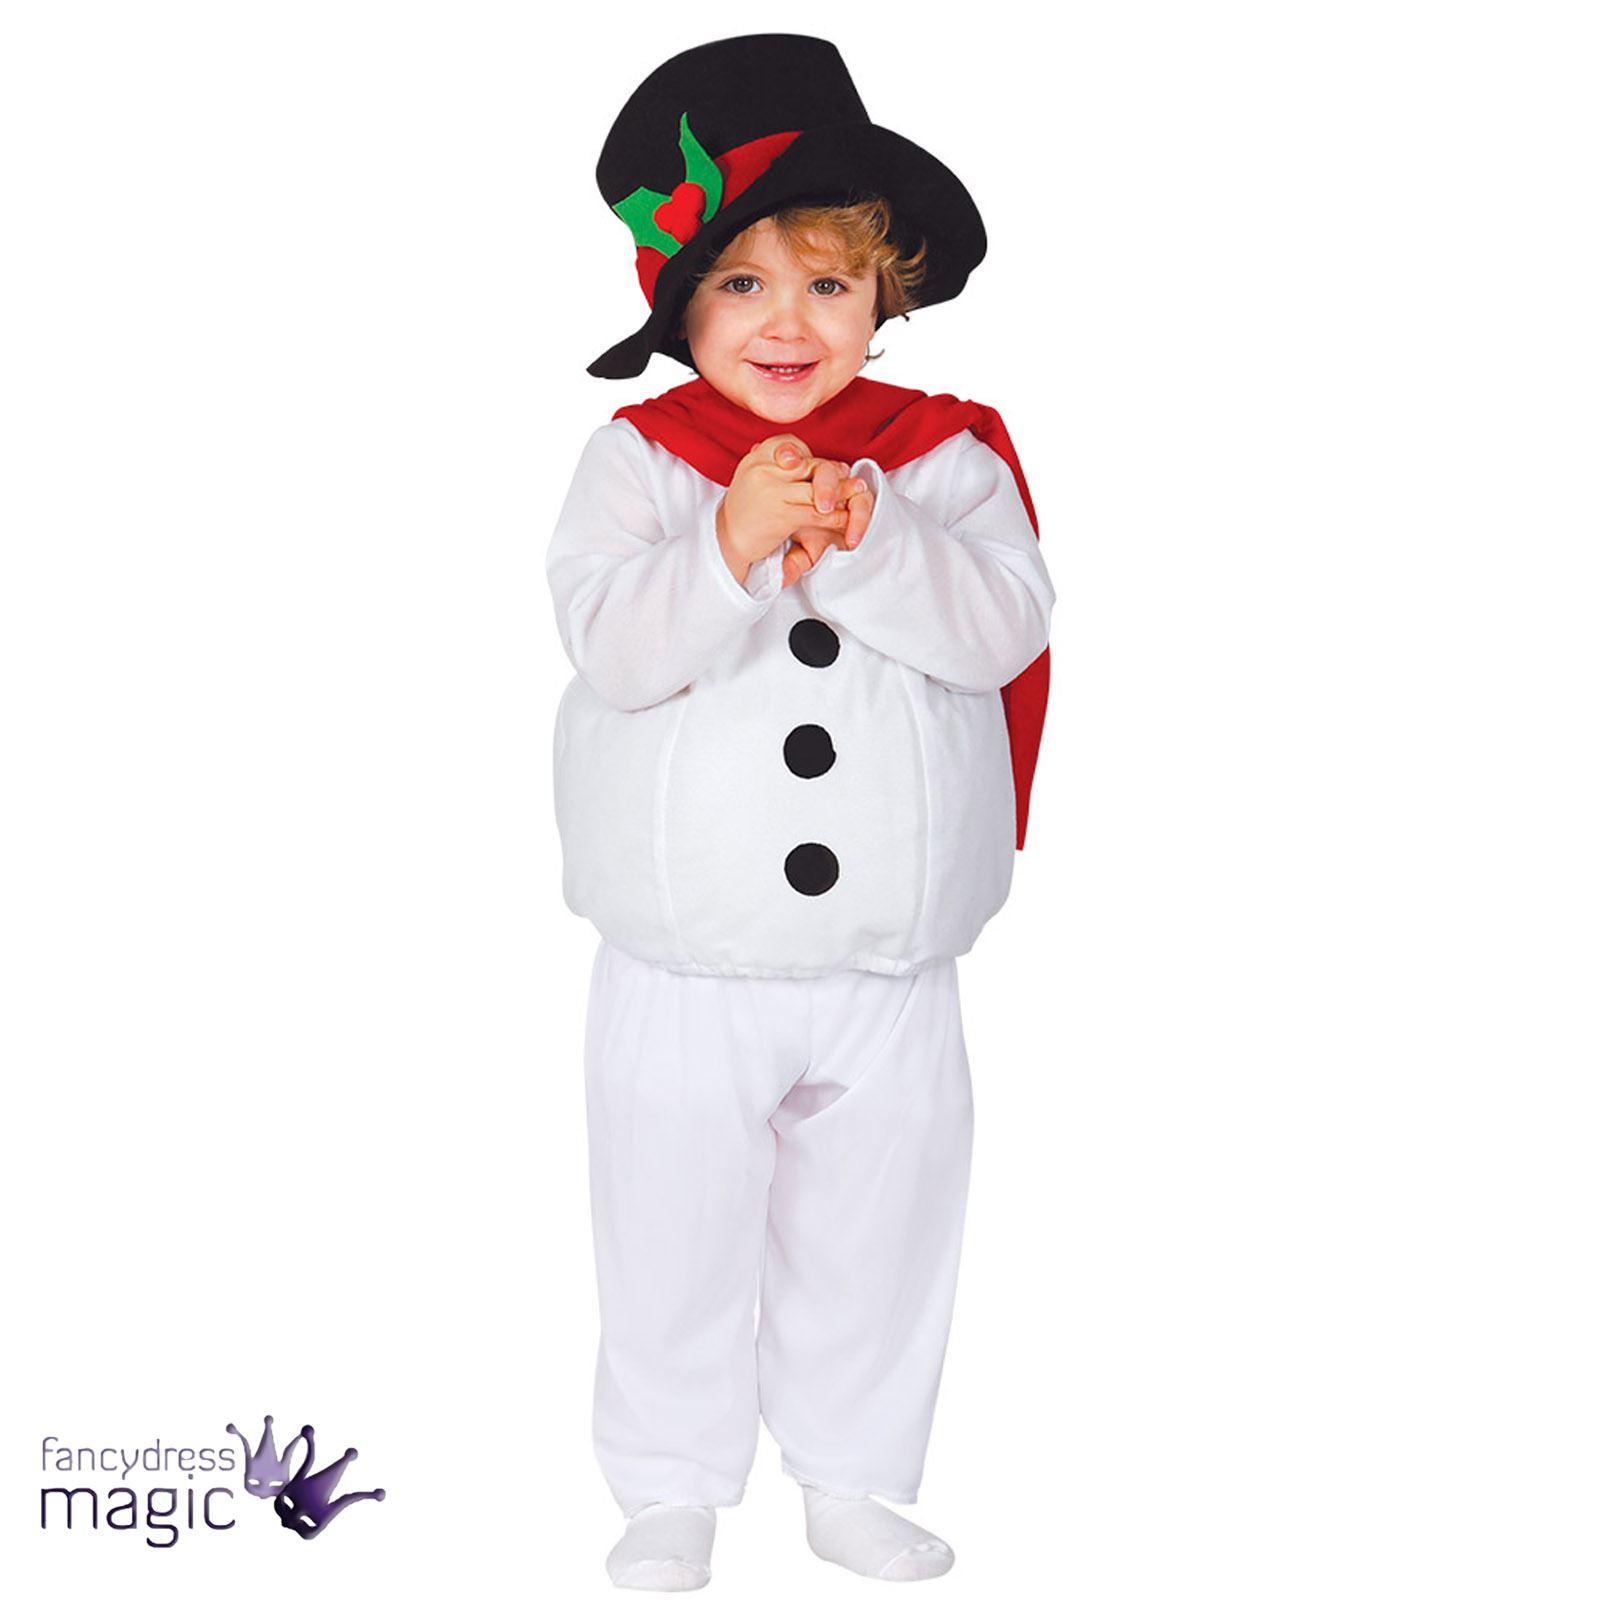 baby kleinkind weihnachten schneemann kost m kleid outfit hut geburt schnee ebay. Black Bedroom Furniture Sets. Home Design Ideas